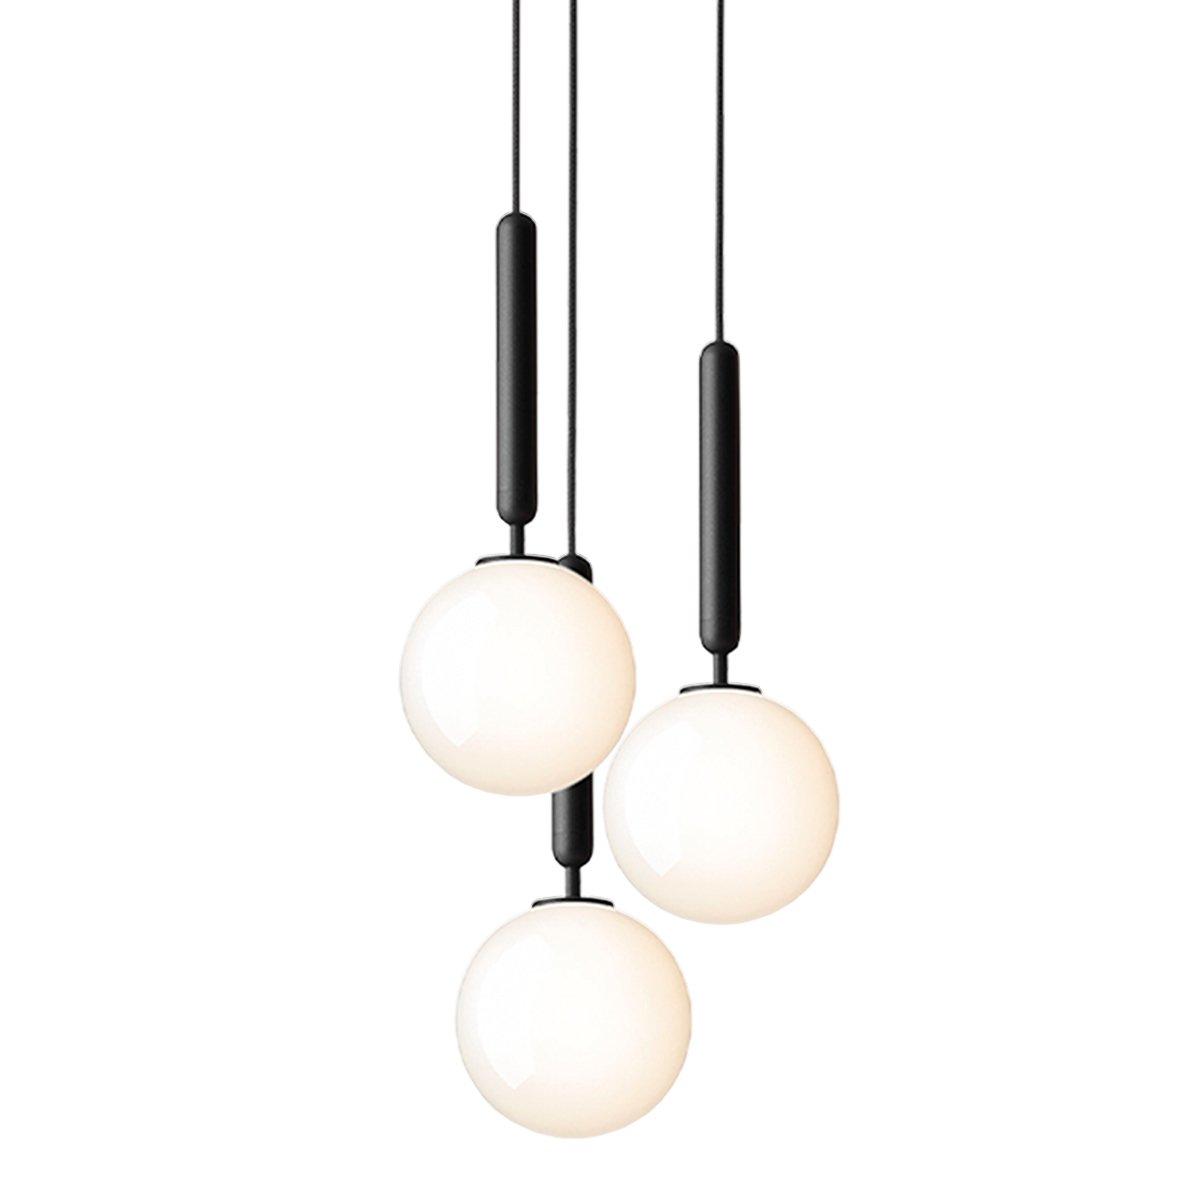 Nuura Miira 3 Hanglamp Medium - Rock Grey - Opal White